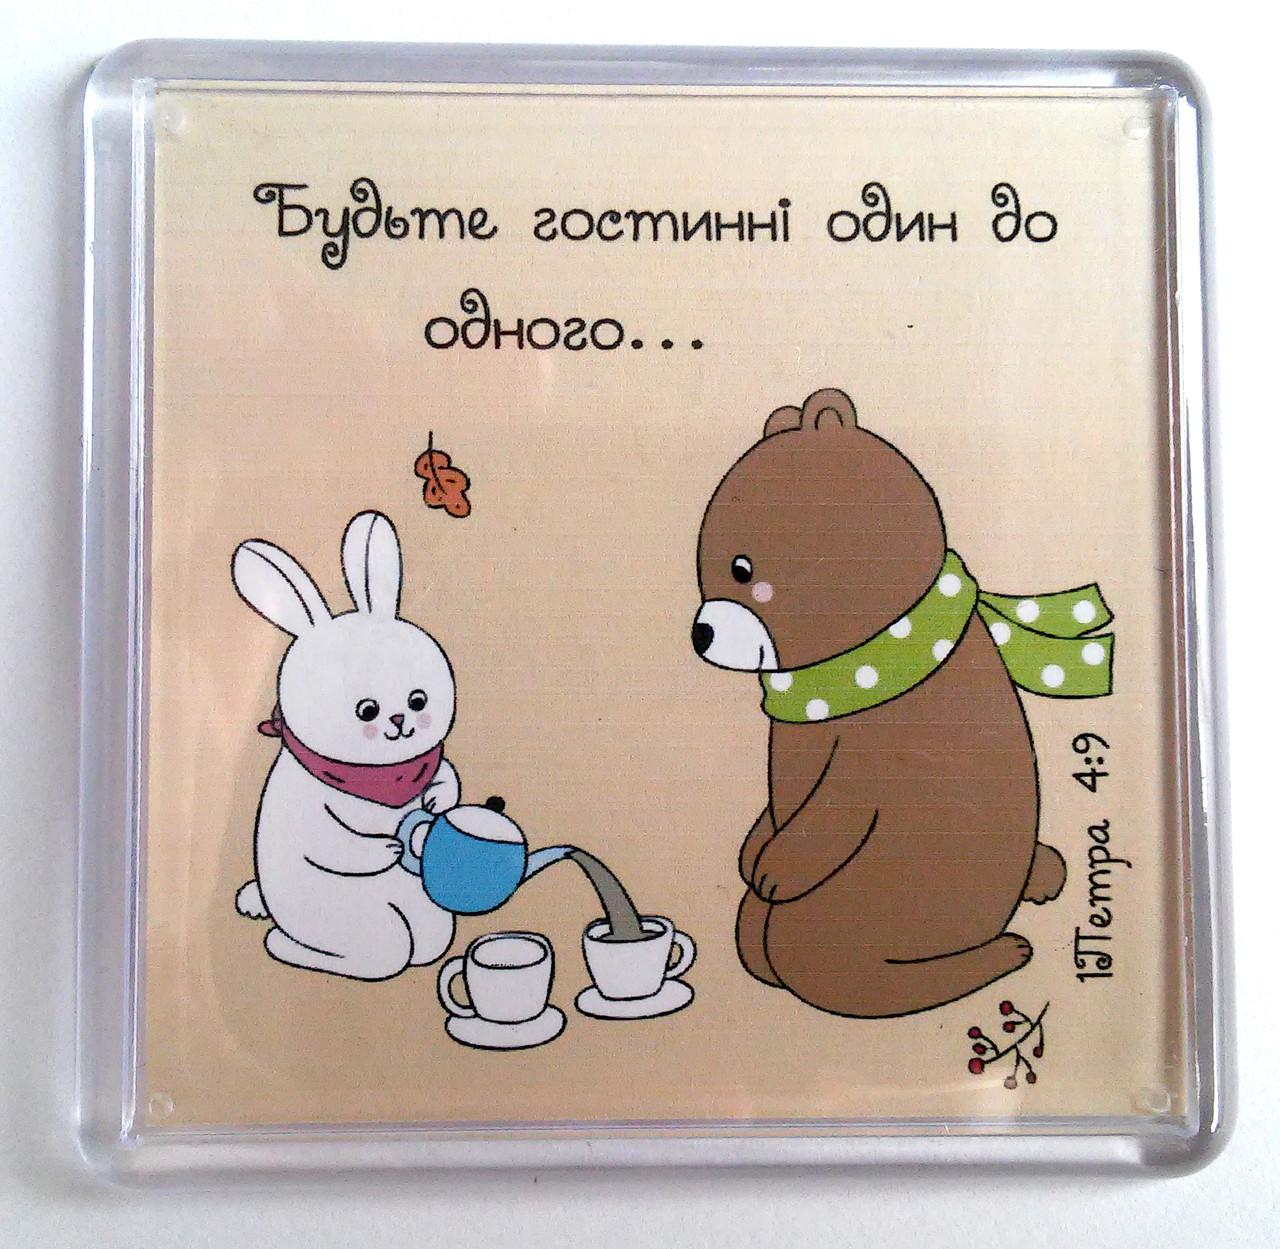 Магніт: Будьте гостинні один до одного...